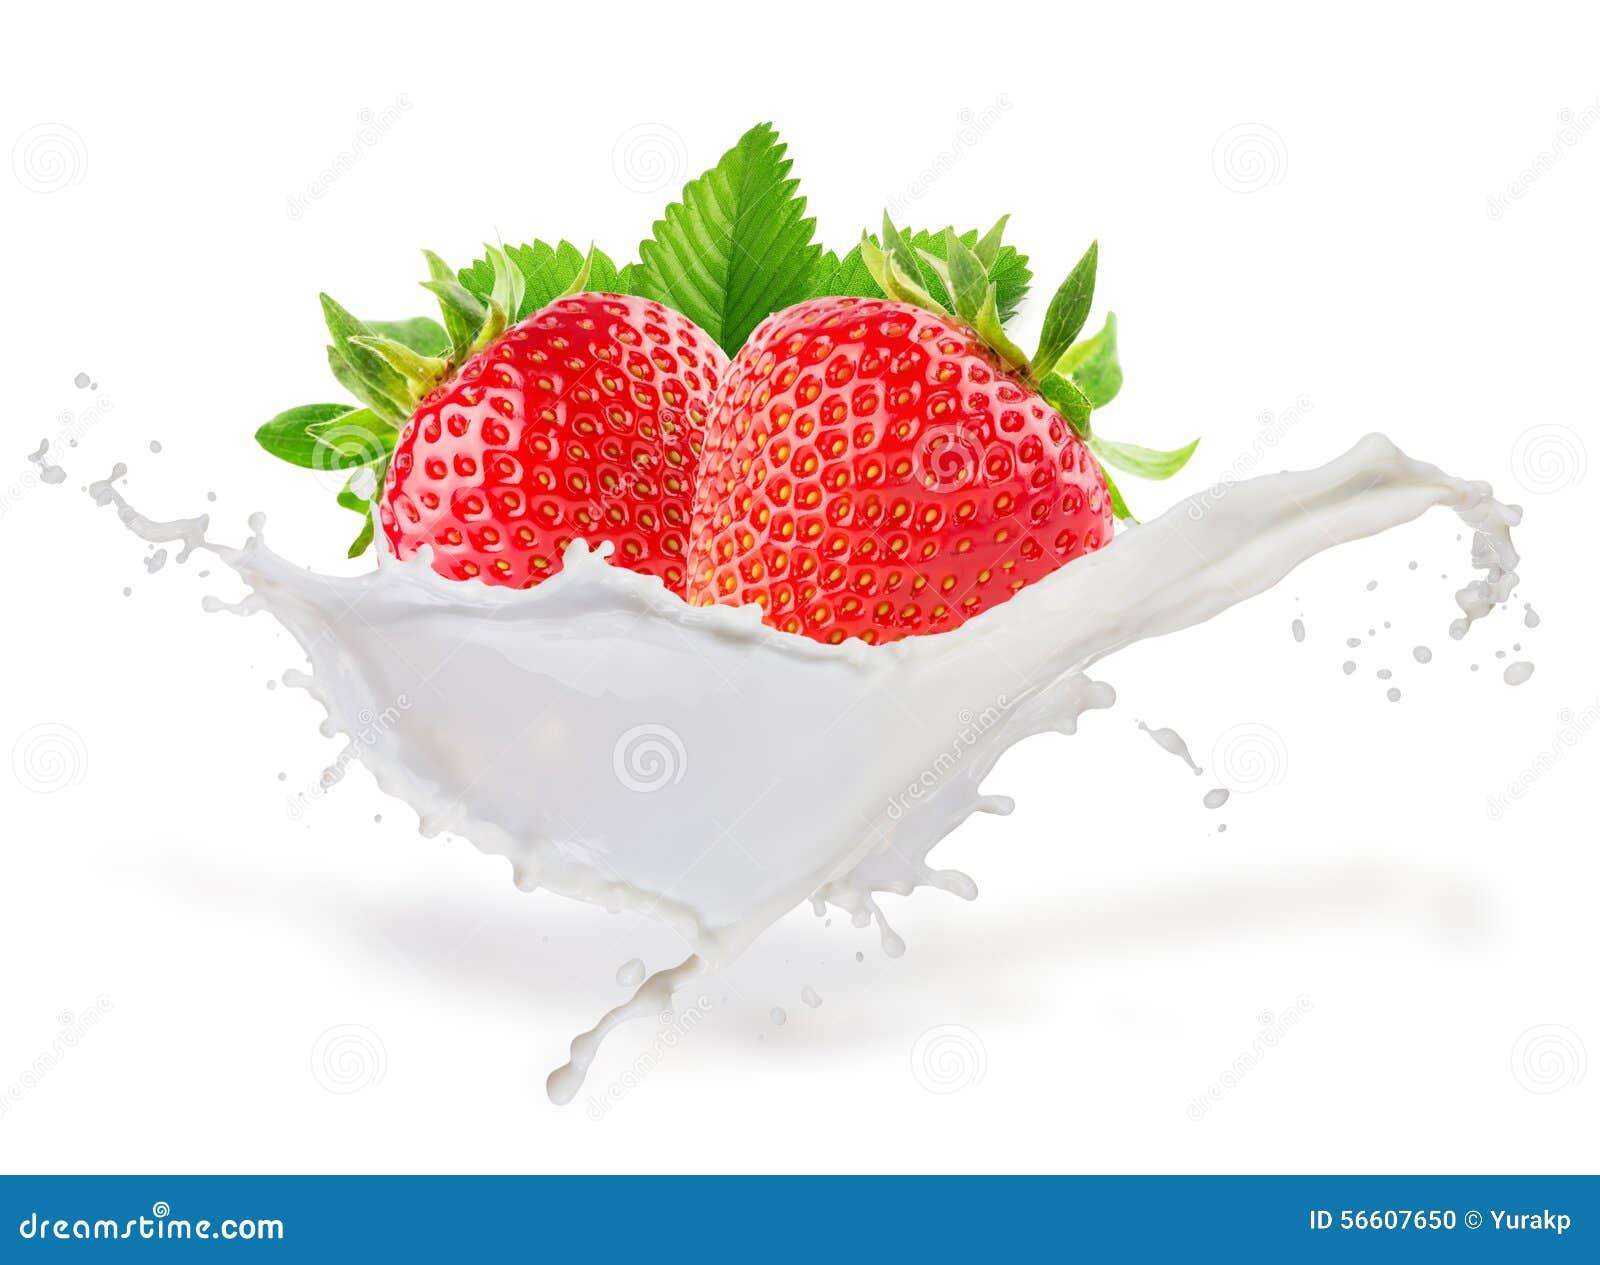 Green Black S Organic White Chocolate And Strawberries Ice Cream